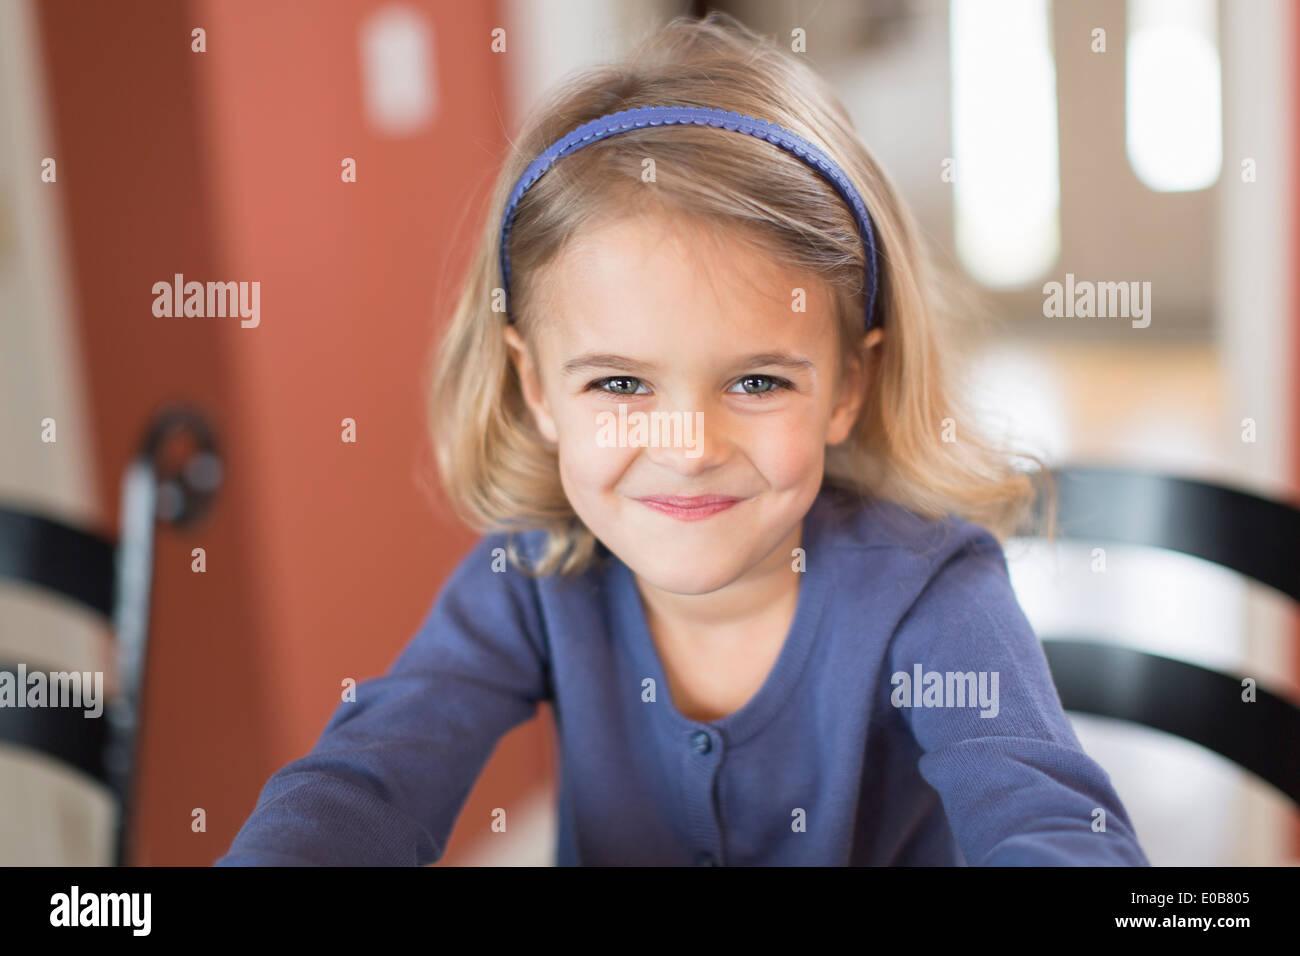 Retrato de cute sonriente joven Imagen De Stock